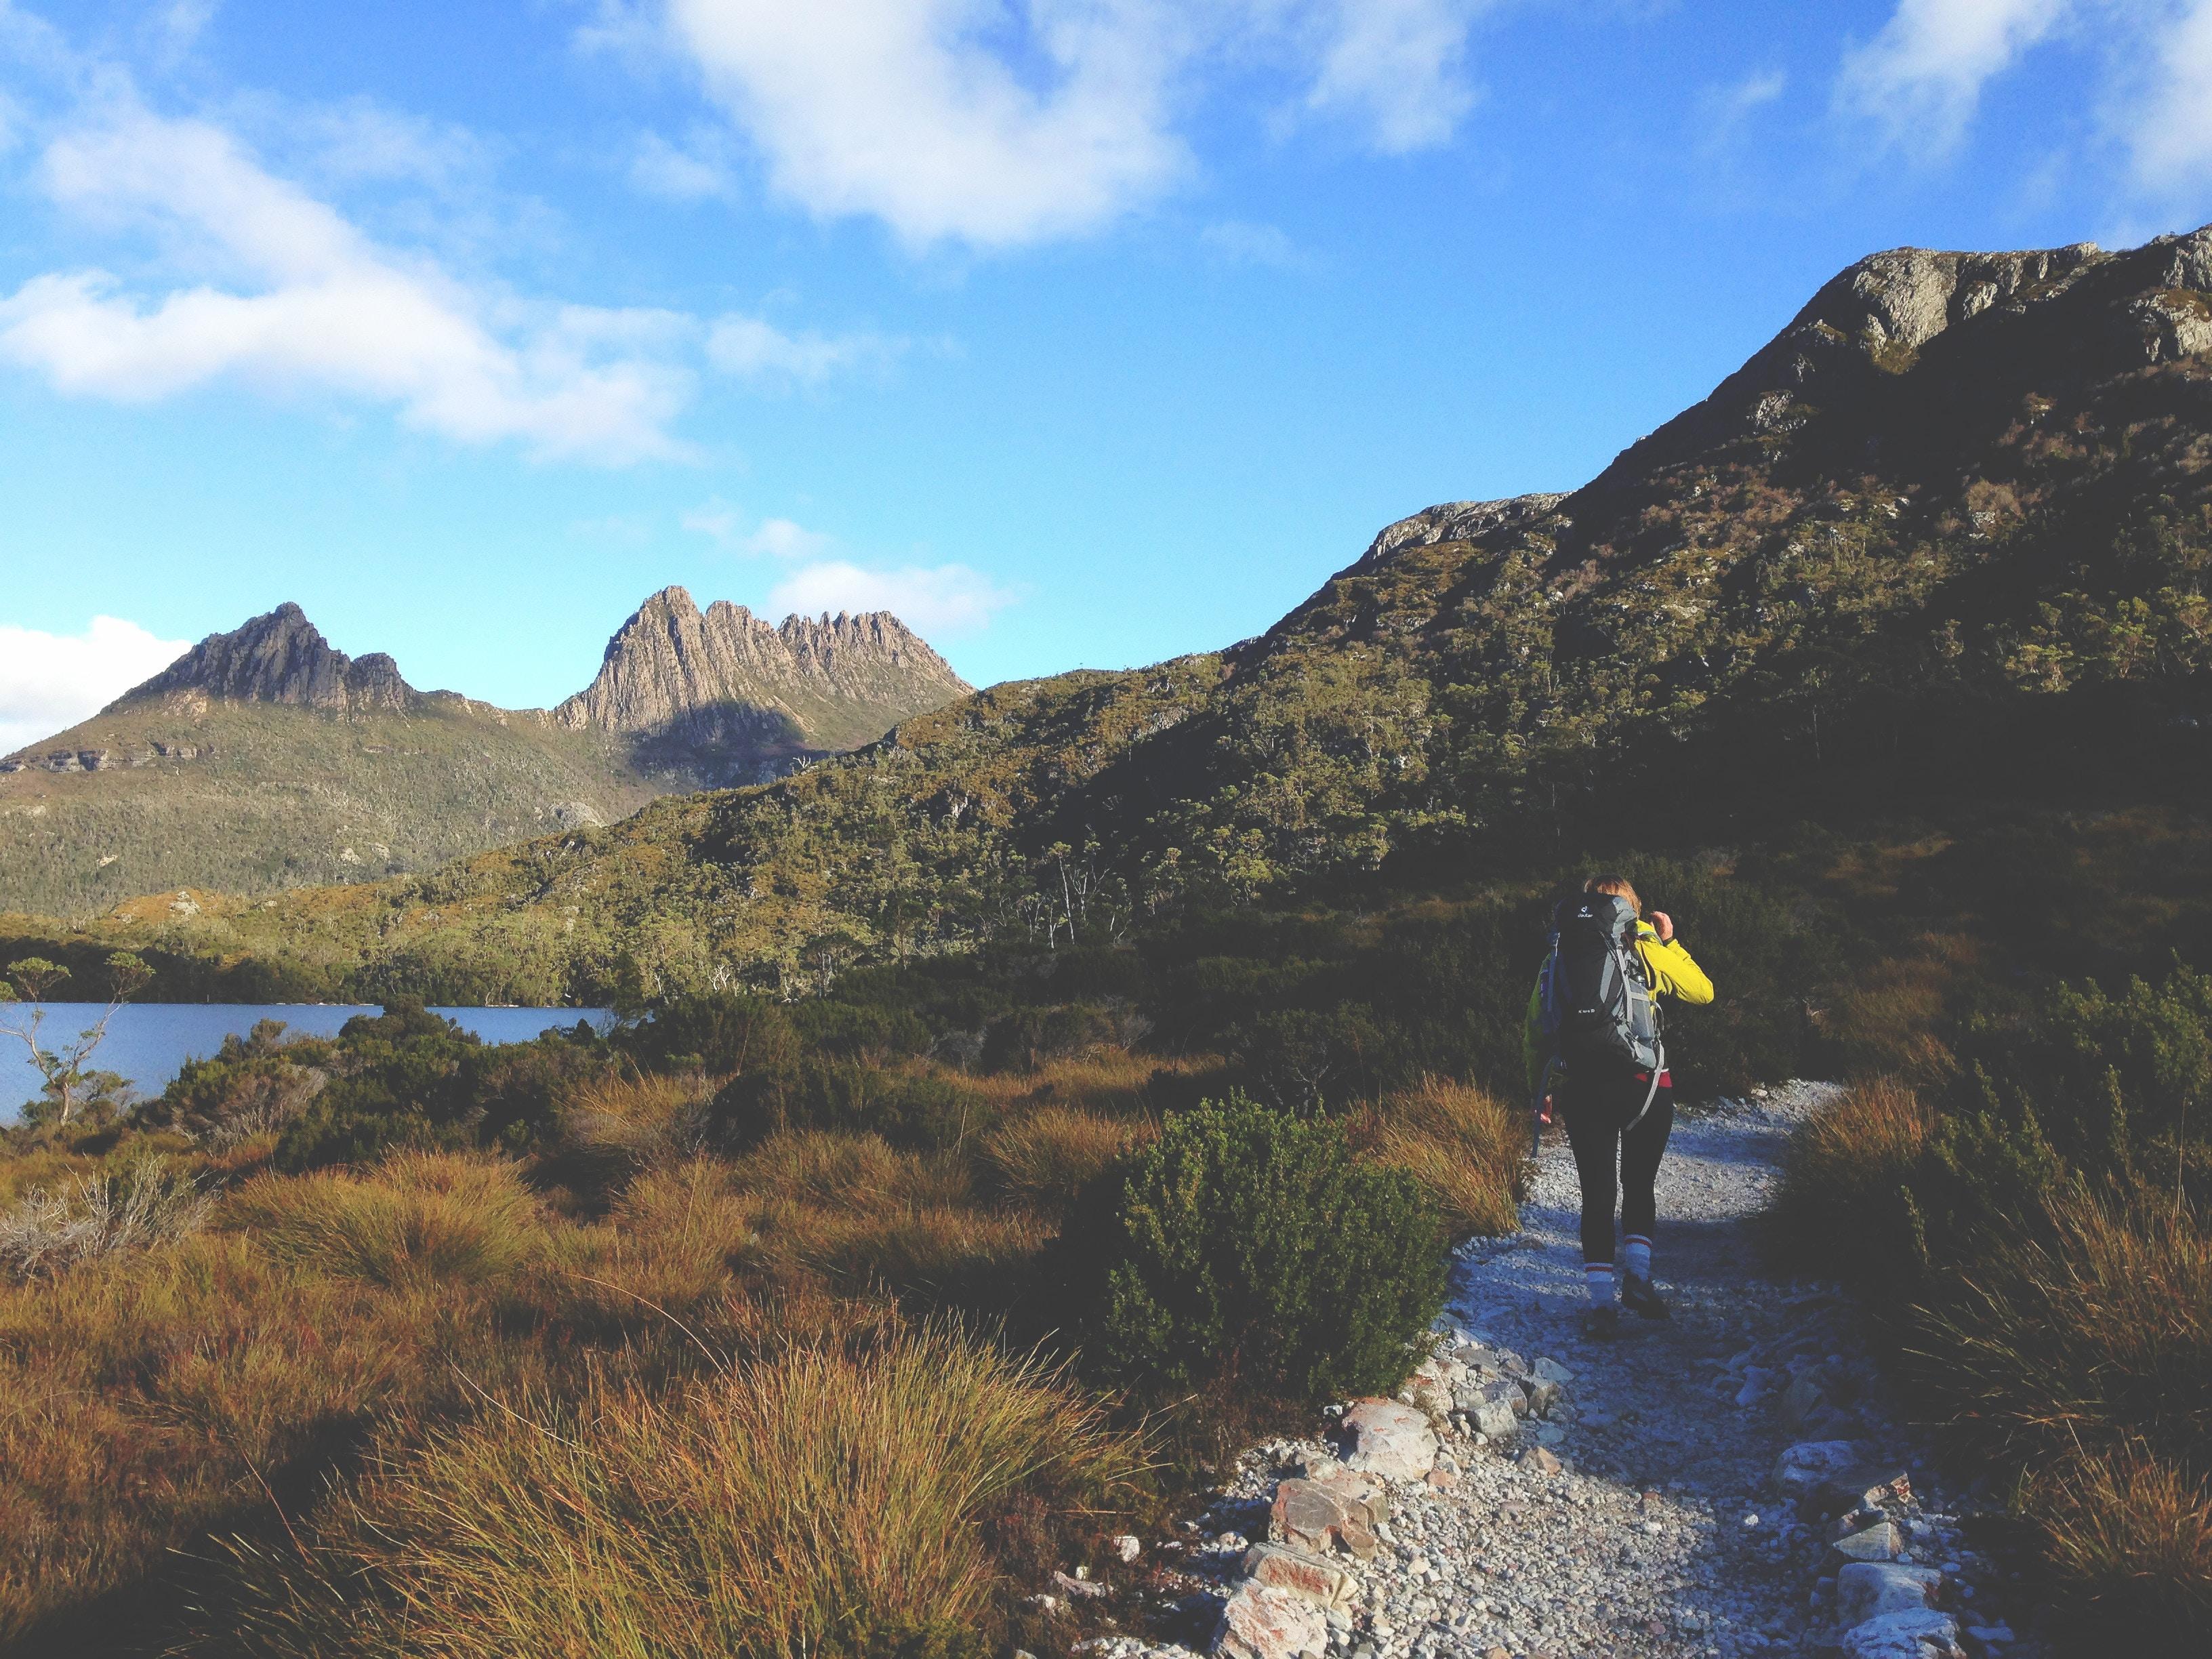 hiking hiking summer-hiking